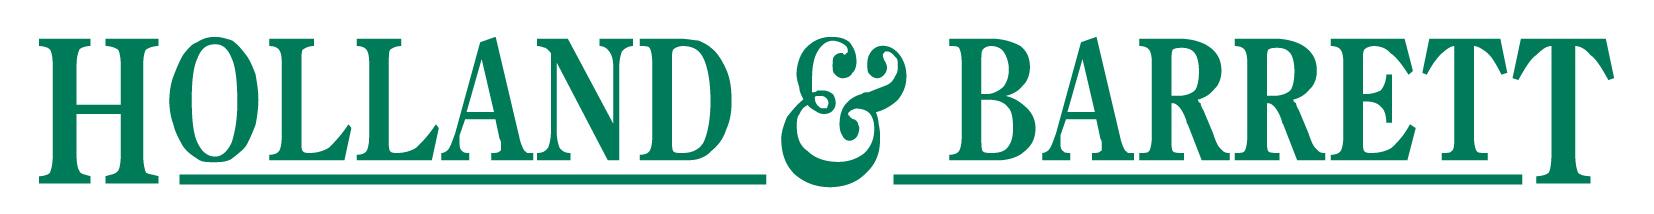 Afbeeldingsresultaat voor logo holland barrett